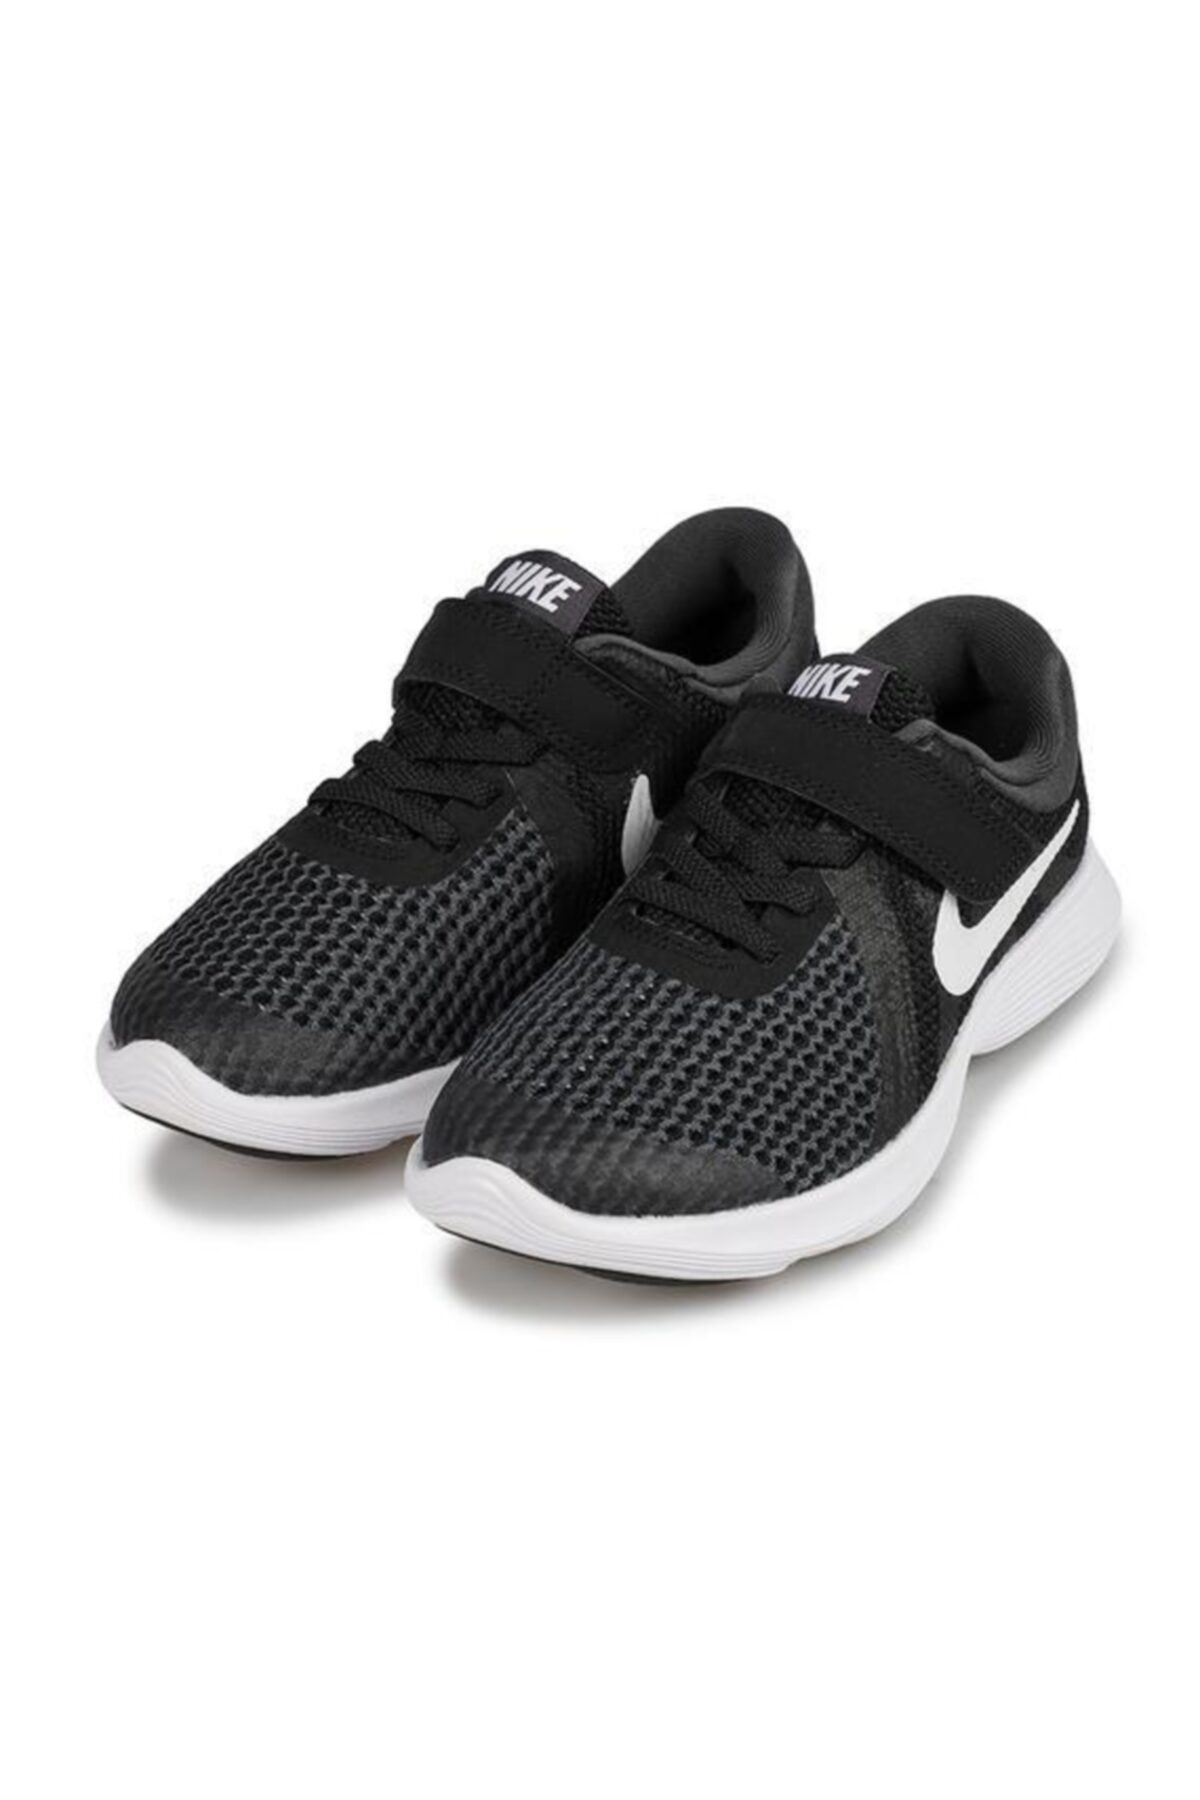 Nike Erkek  Çocuk Siyah Bantlı Spor Ayakkabı 1